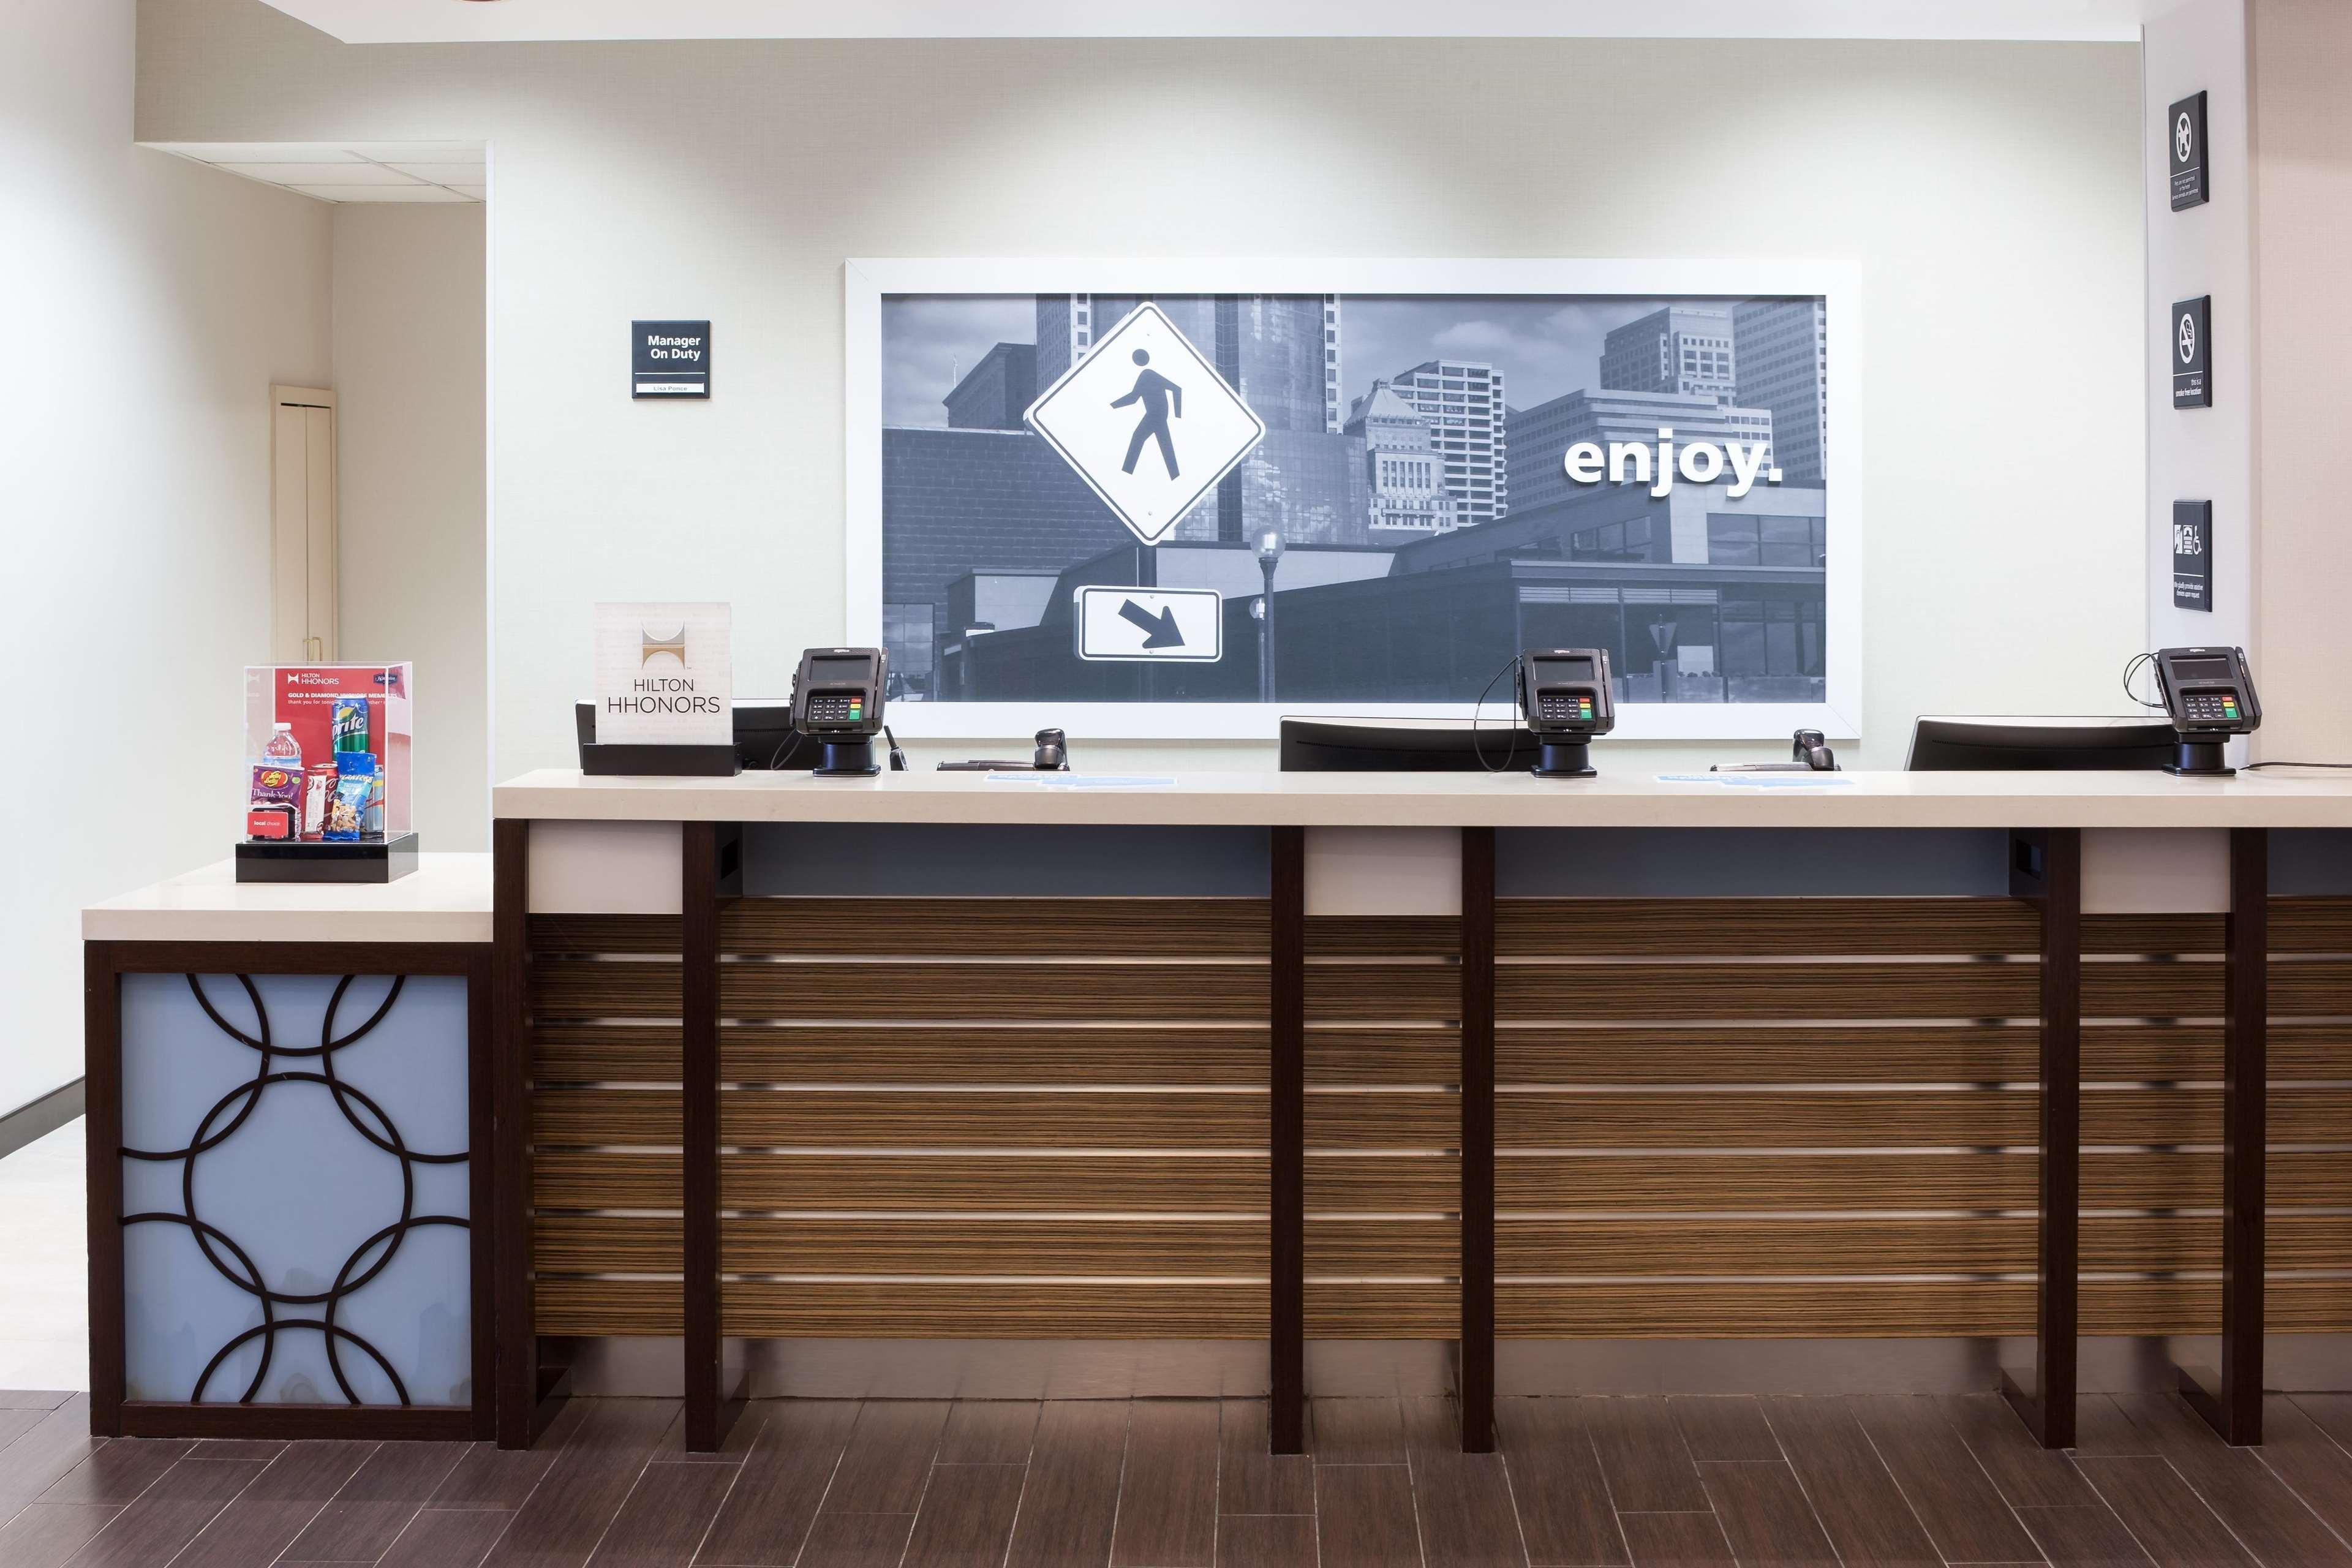 Hampton Inn & Suites Chicago-North Shore/Skokie image 26